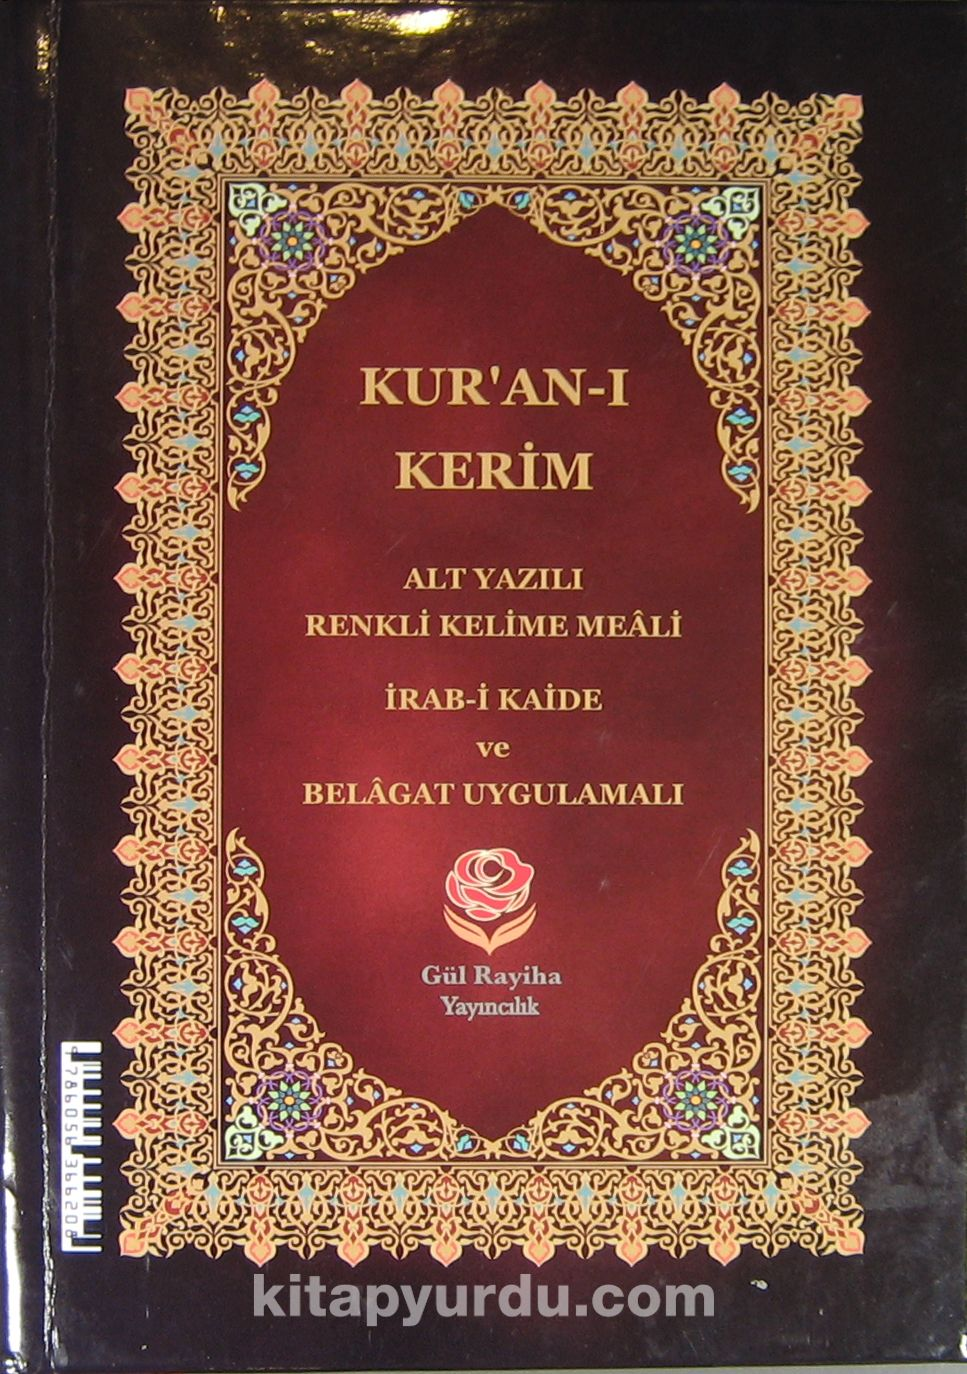 (Hafız Boy) Kur'an-ı Kerim Alt Yazılı Renkli Kelime Meali / İrab-i Kaide ve Belagat Uygulamalı